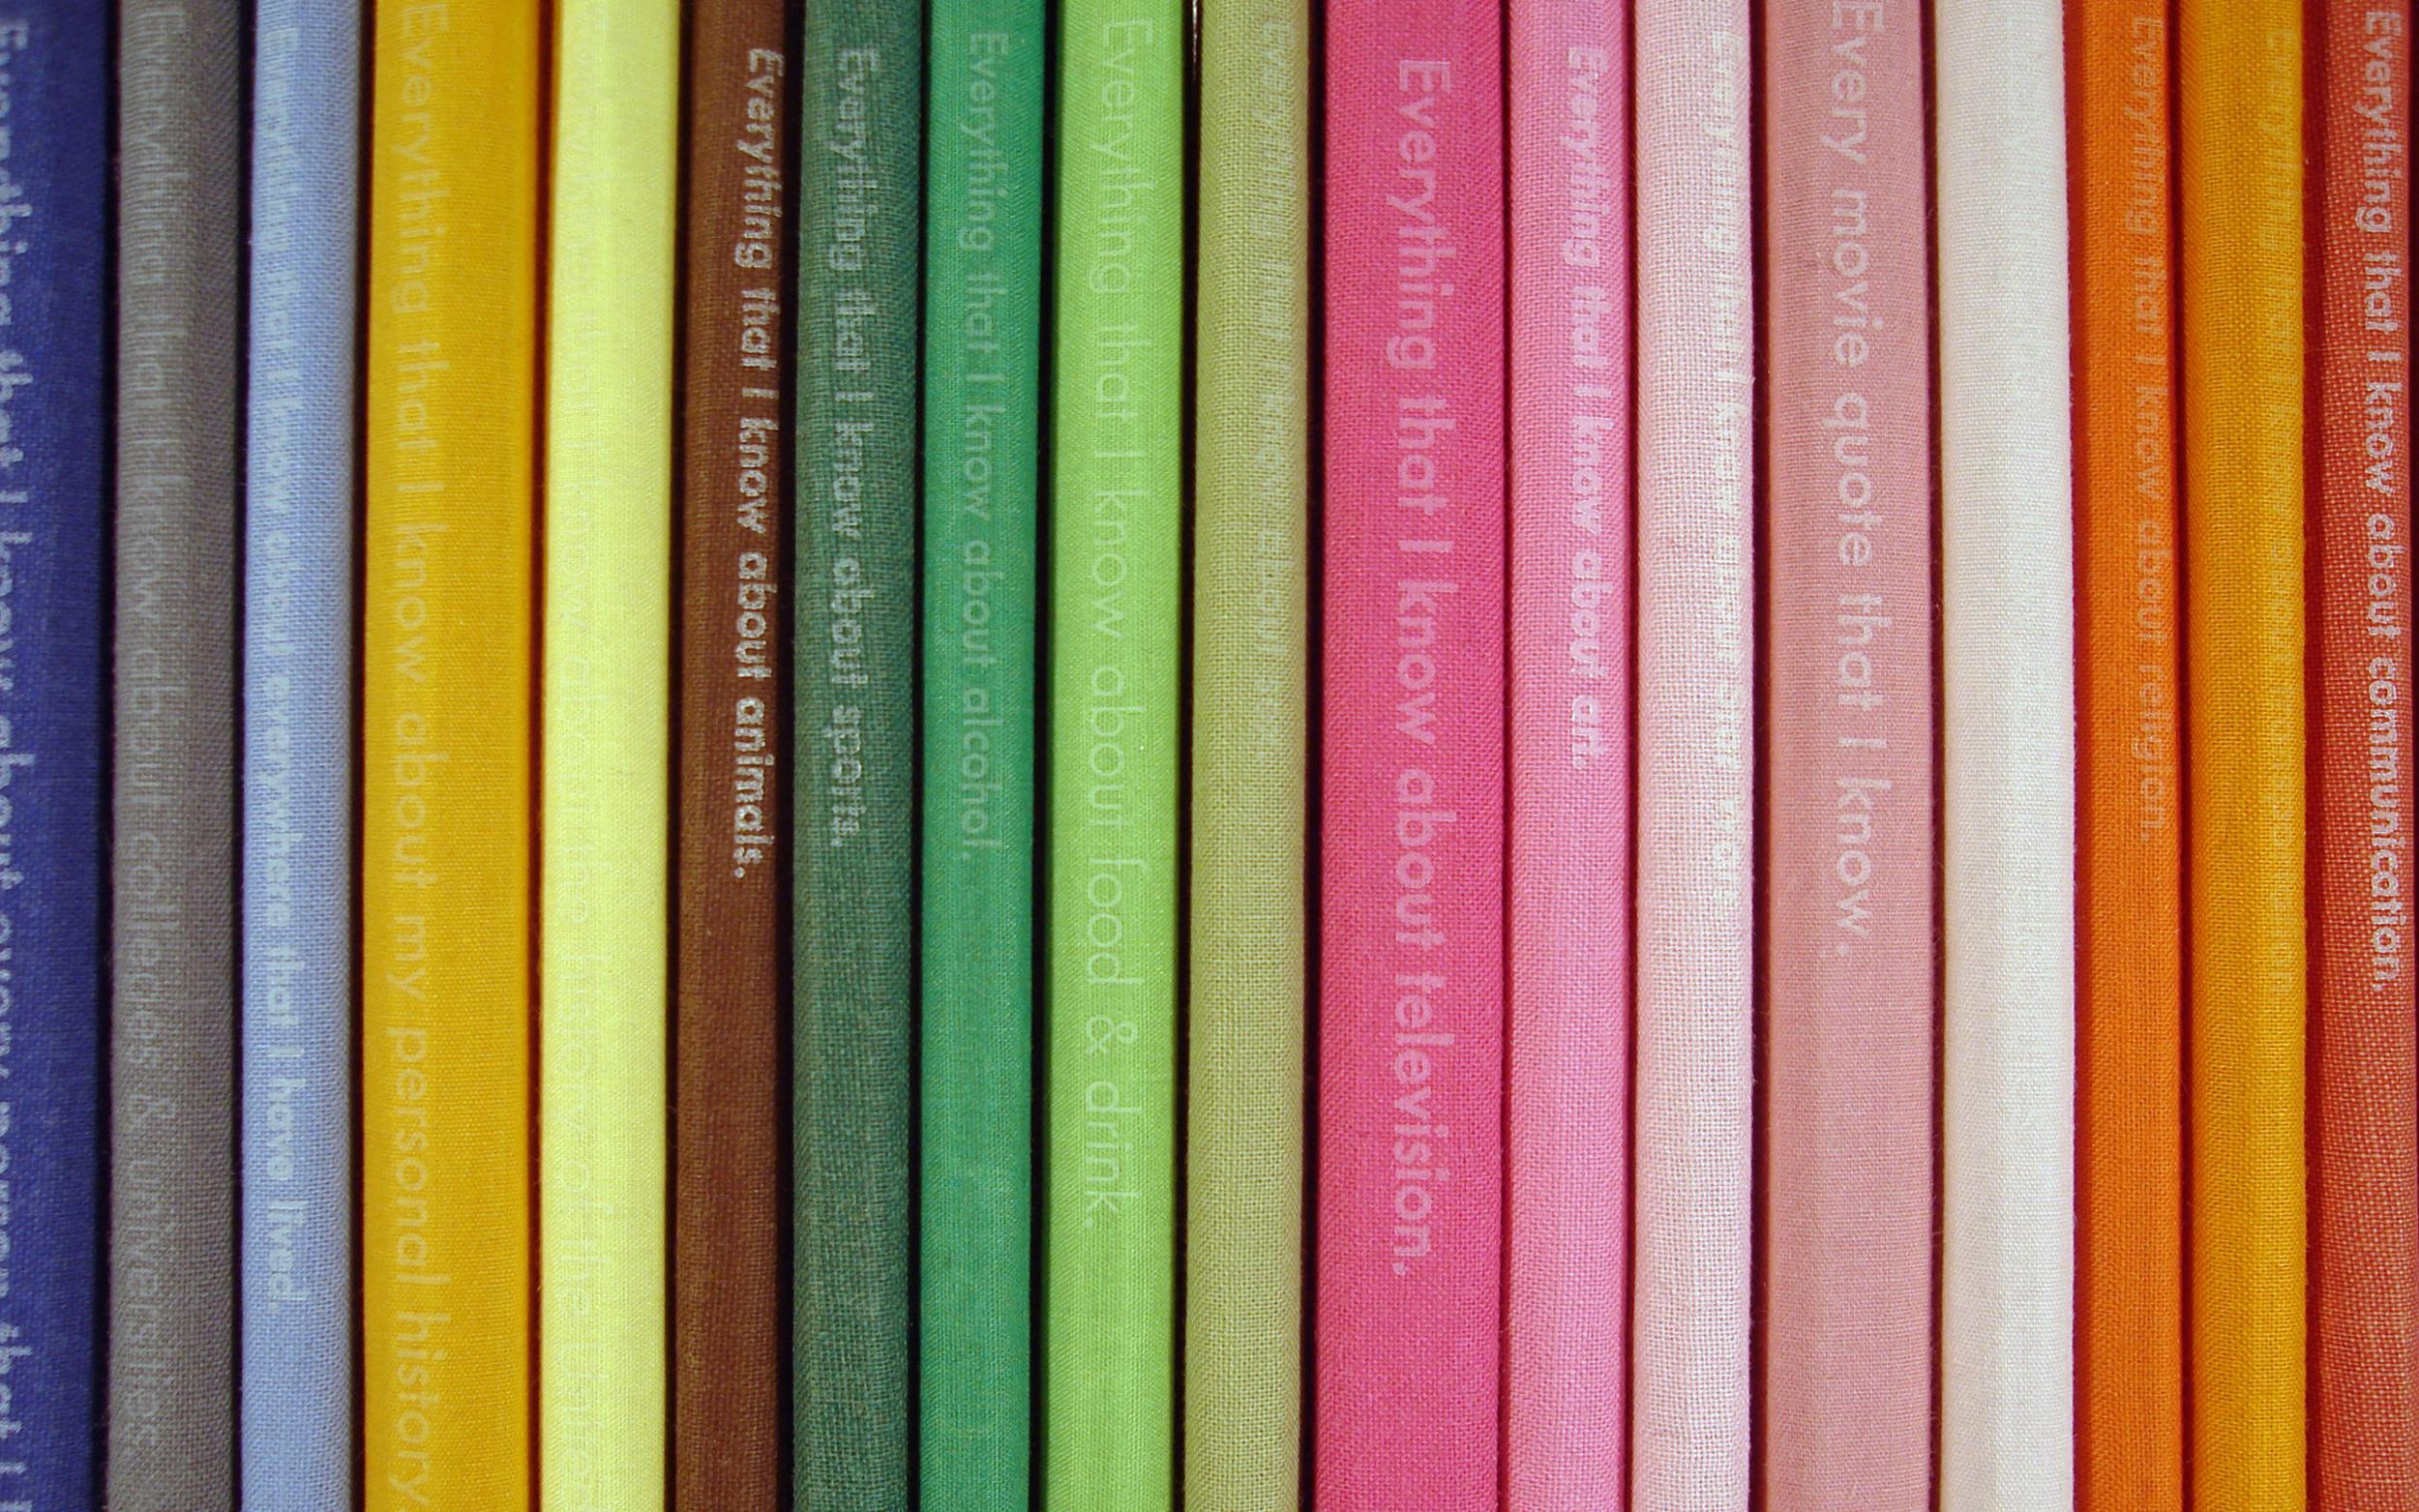 books-detail_spines.jpg